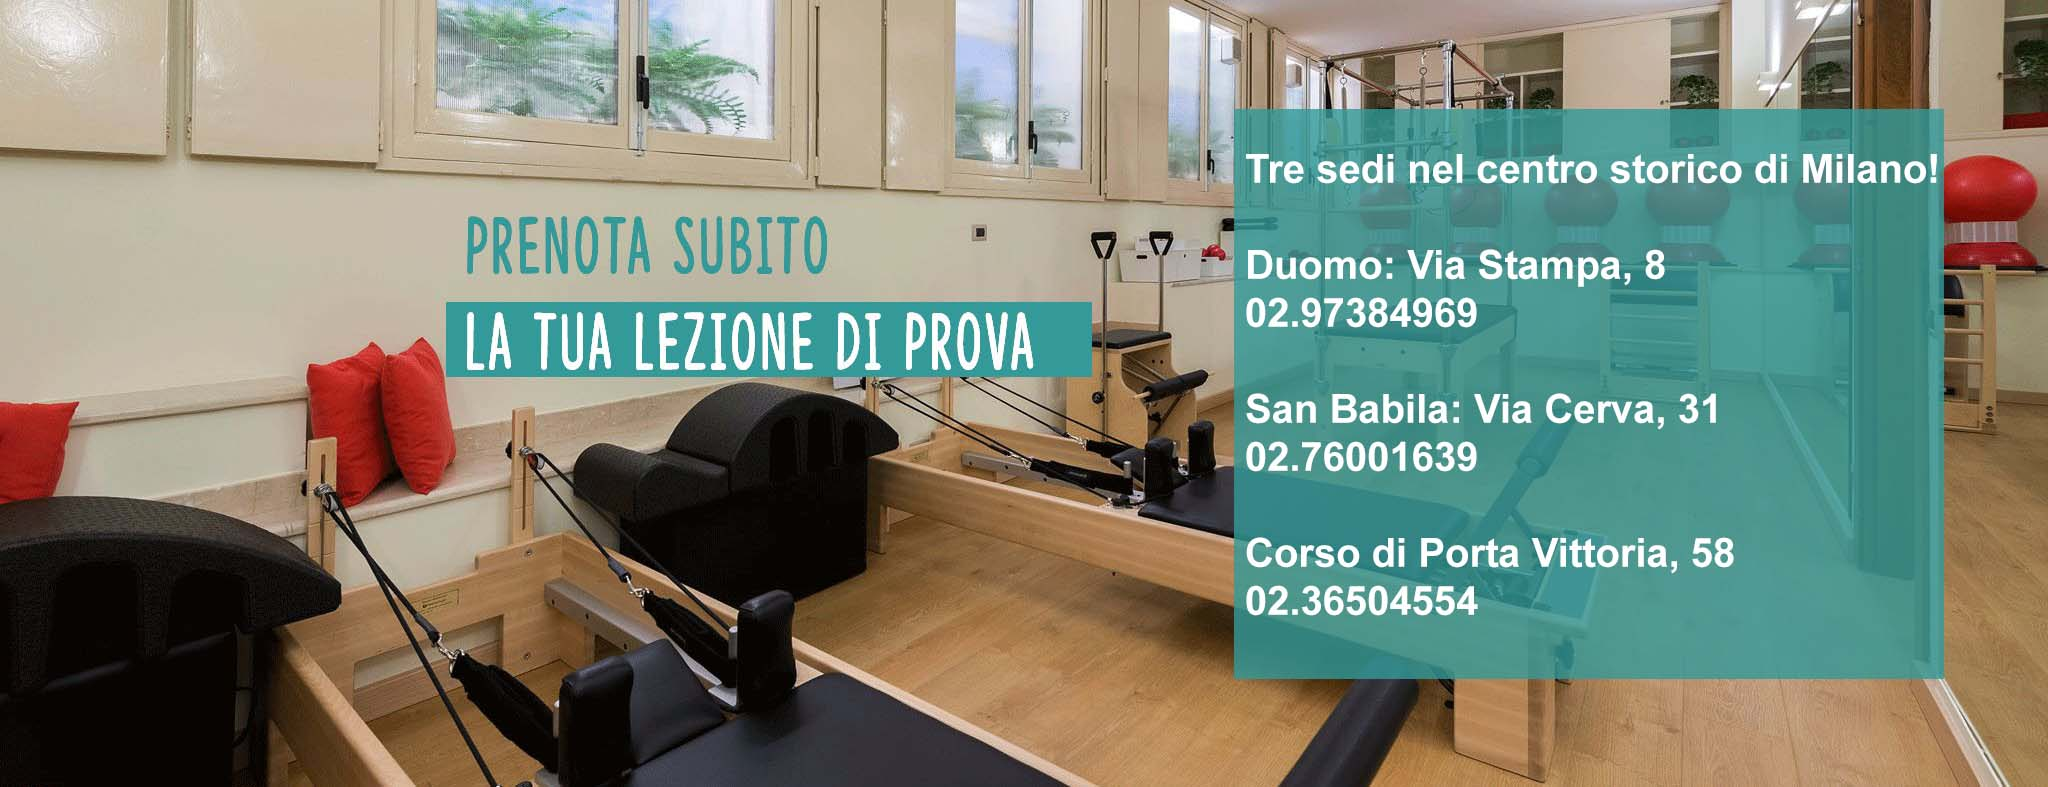 Personal Trainer Pilates Gorla Milano - Prenota subito la tua lezione di prova